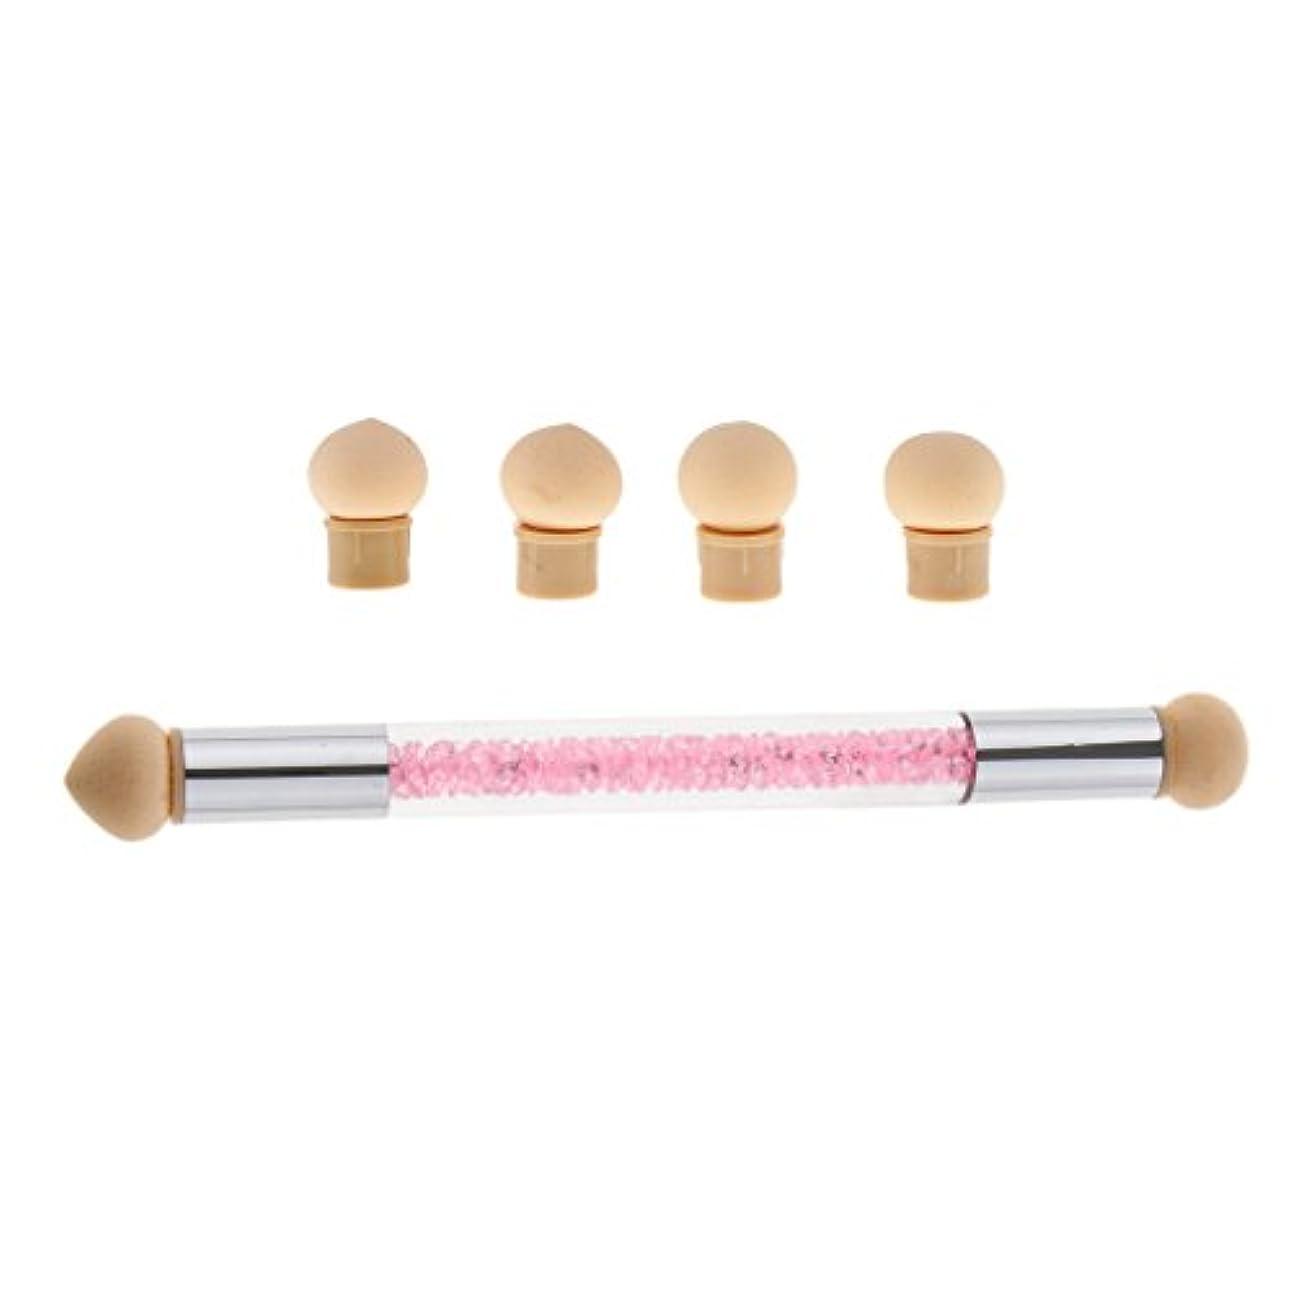 第三密Perfk ネイルアート スポンジブラシ ドットペン 4個 交換用 スポンジヘッド ネイルブラシ UVゲル DIY アクリル爪 2色選べる - ピンク